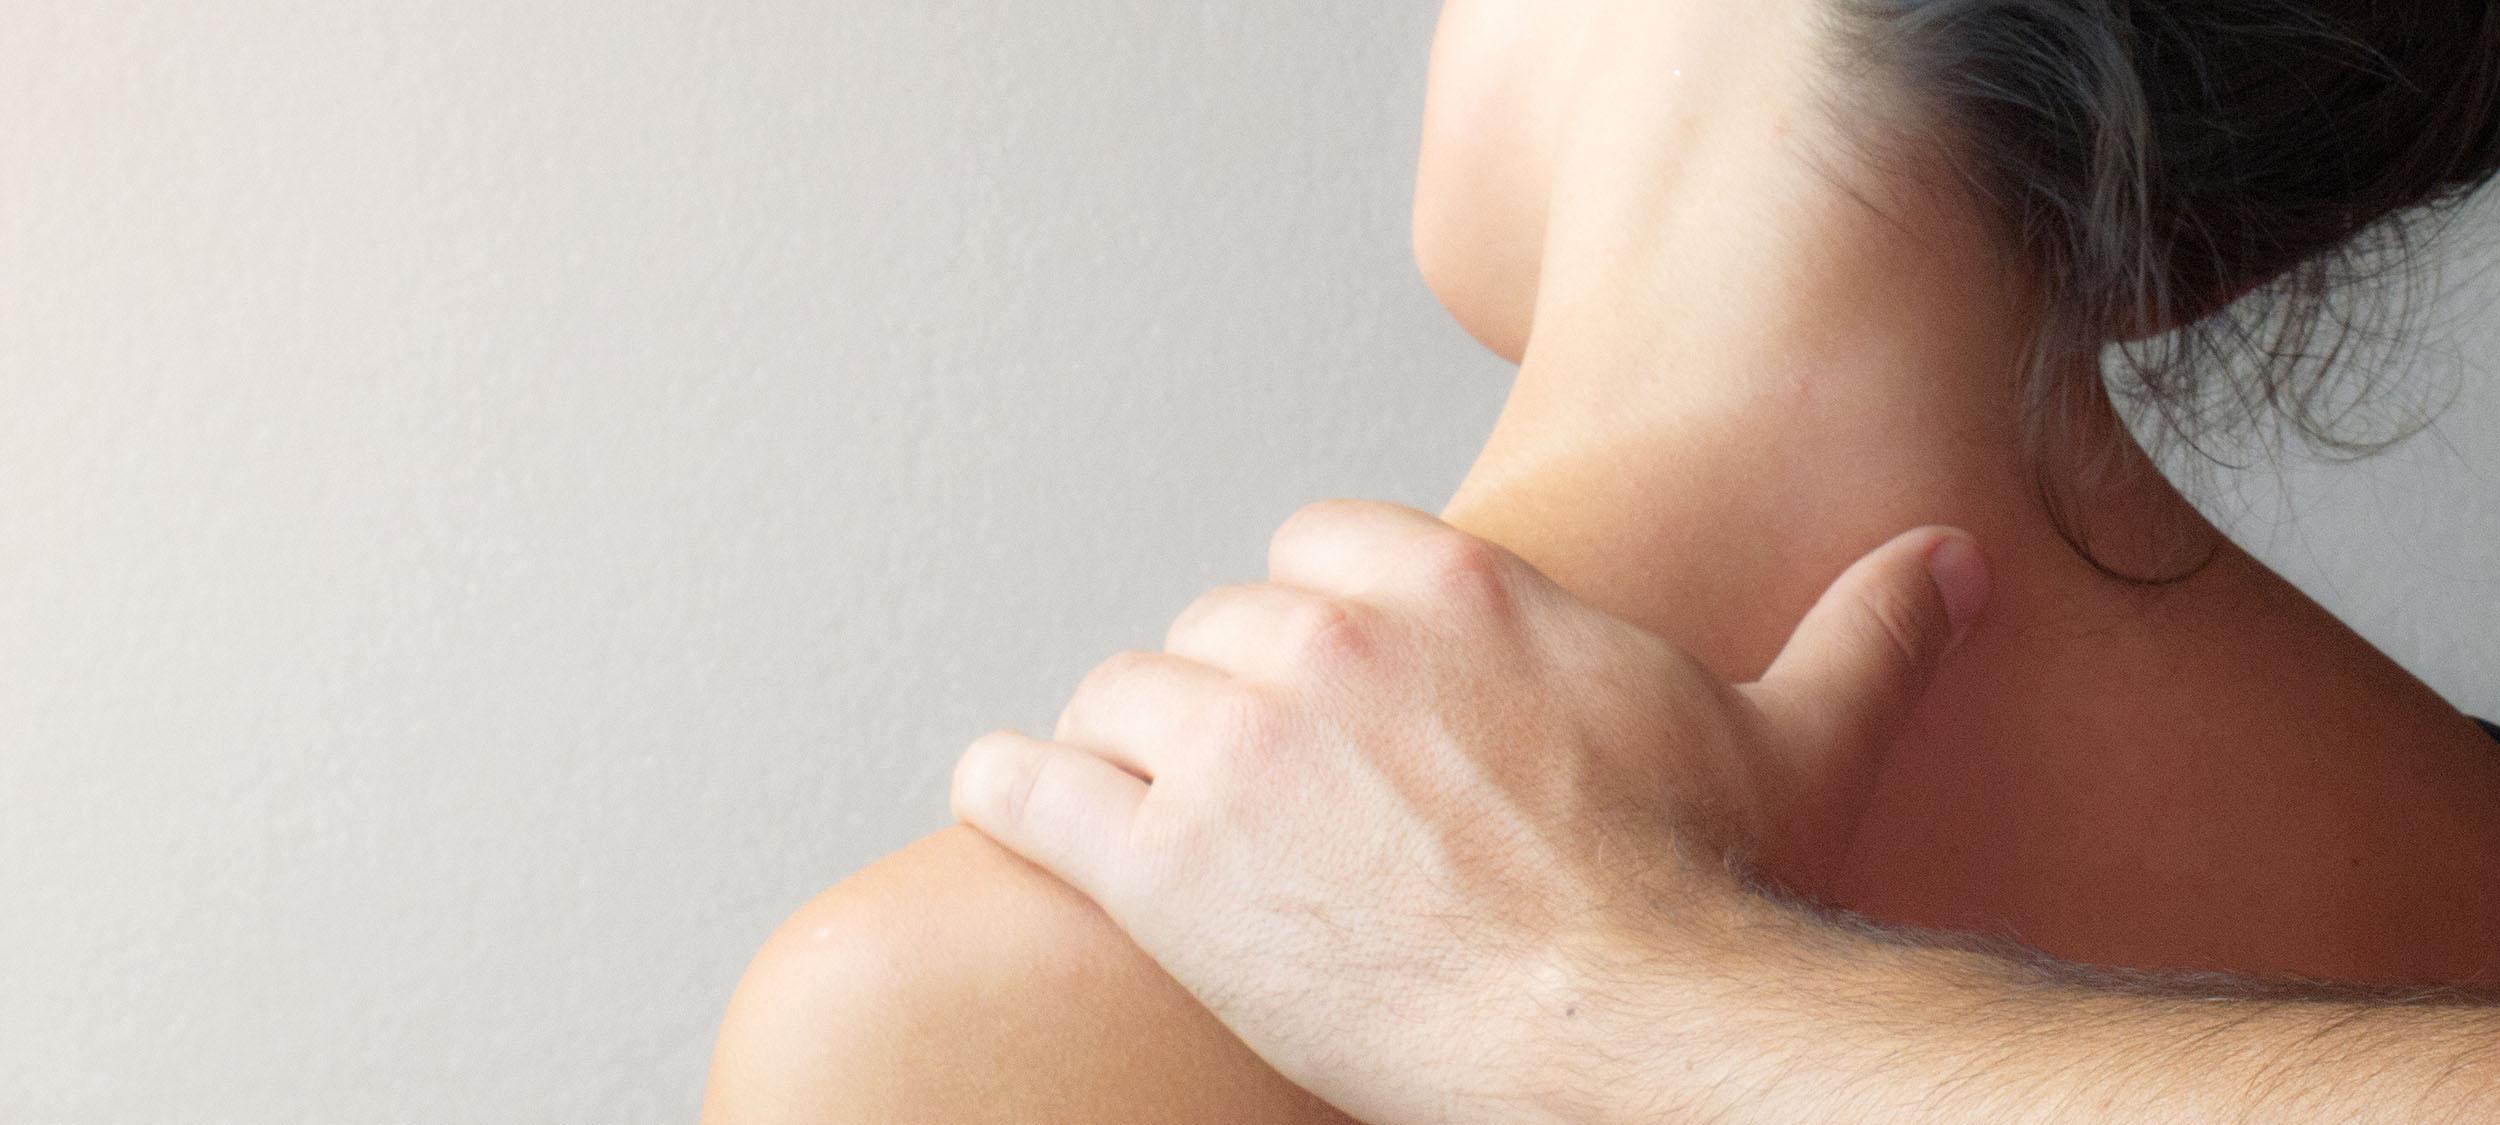 Praxis für Physiotherapie Siebert | Header 3